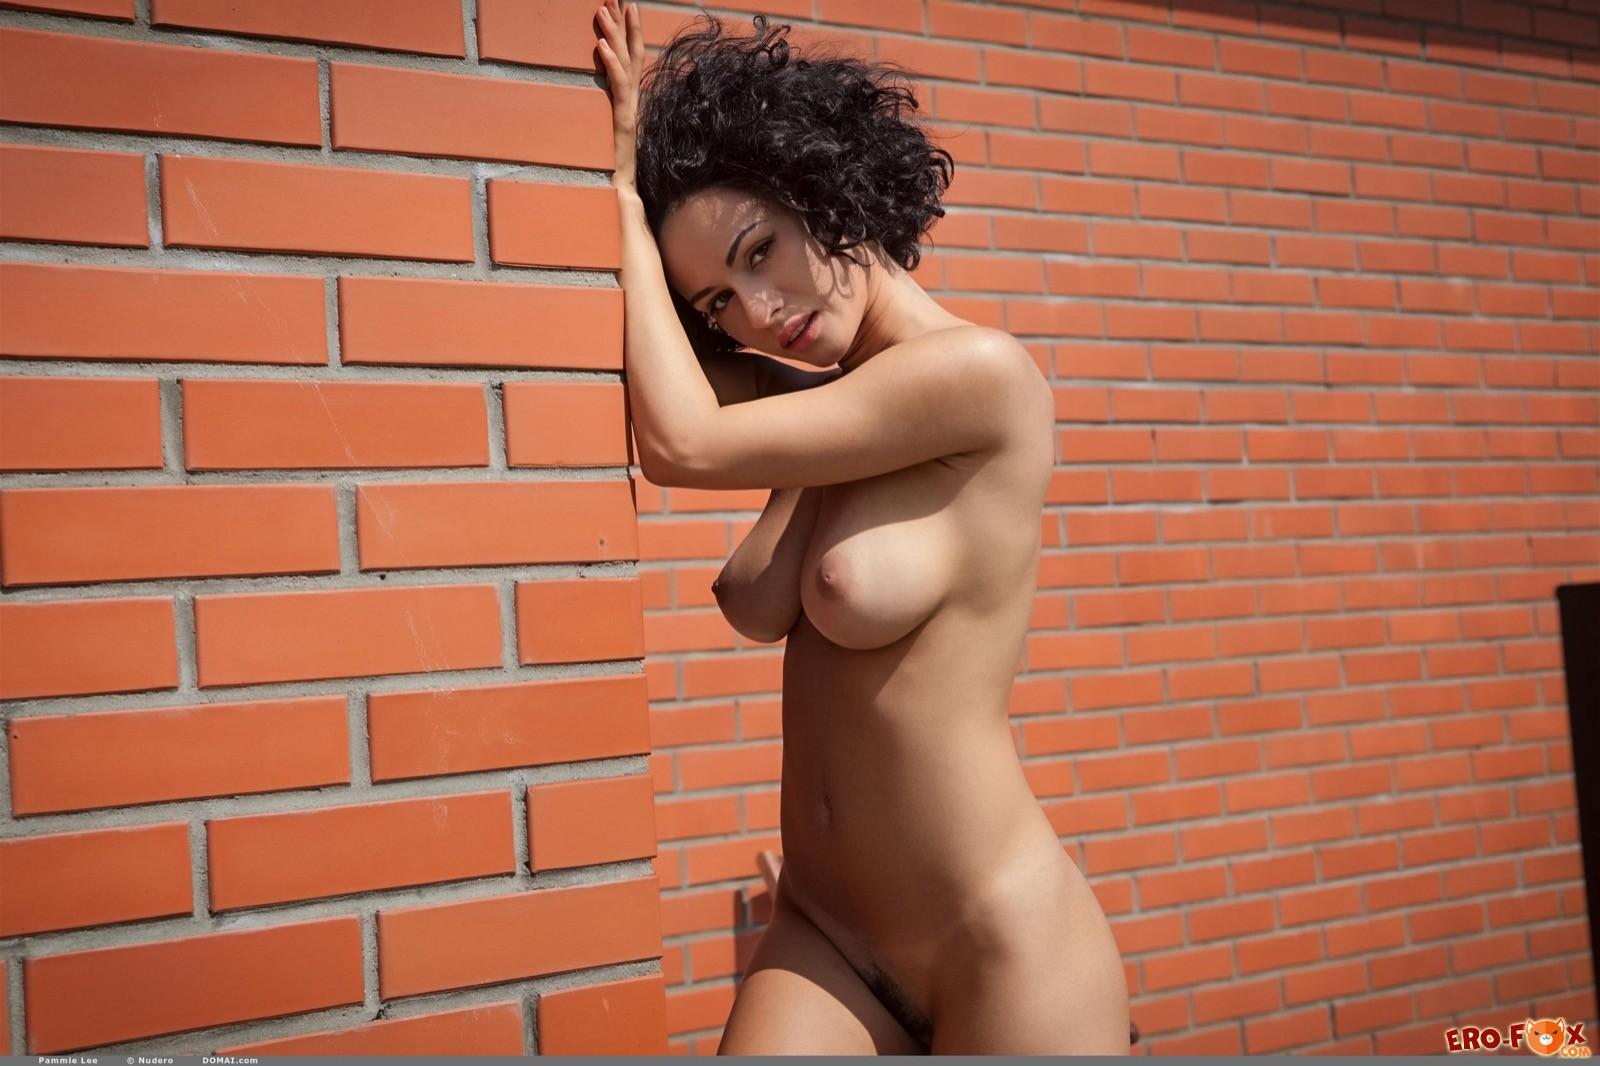 Кучерявая брюнетка оголила грудь и волосатую киску